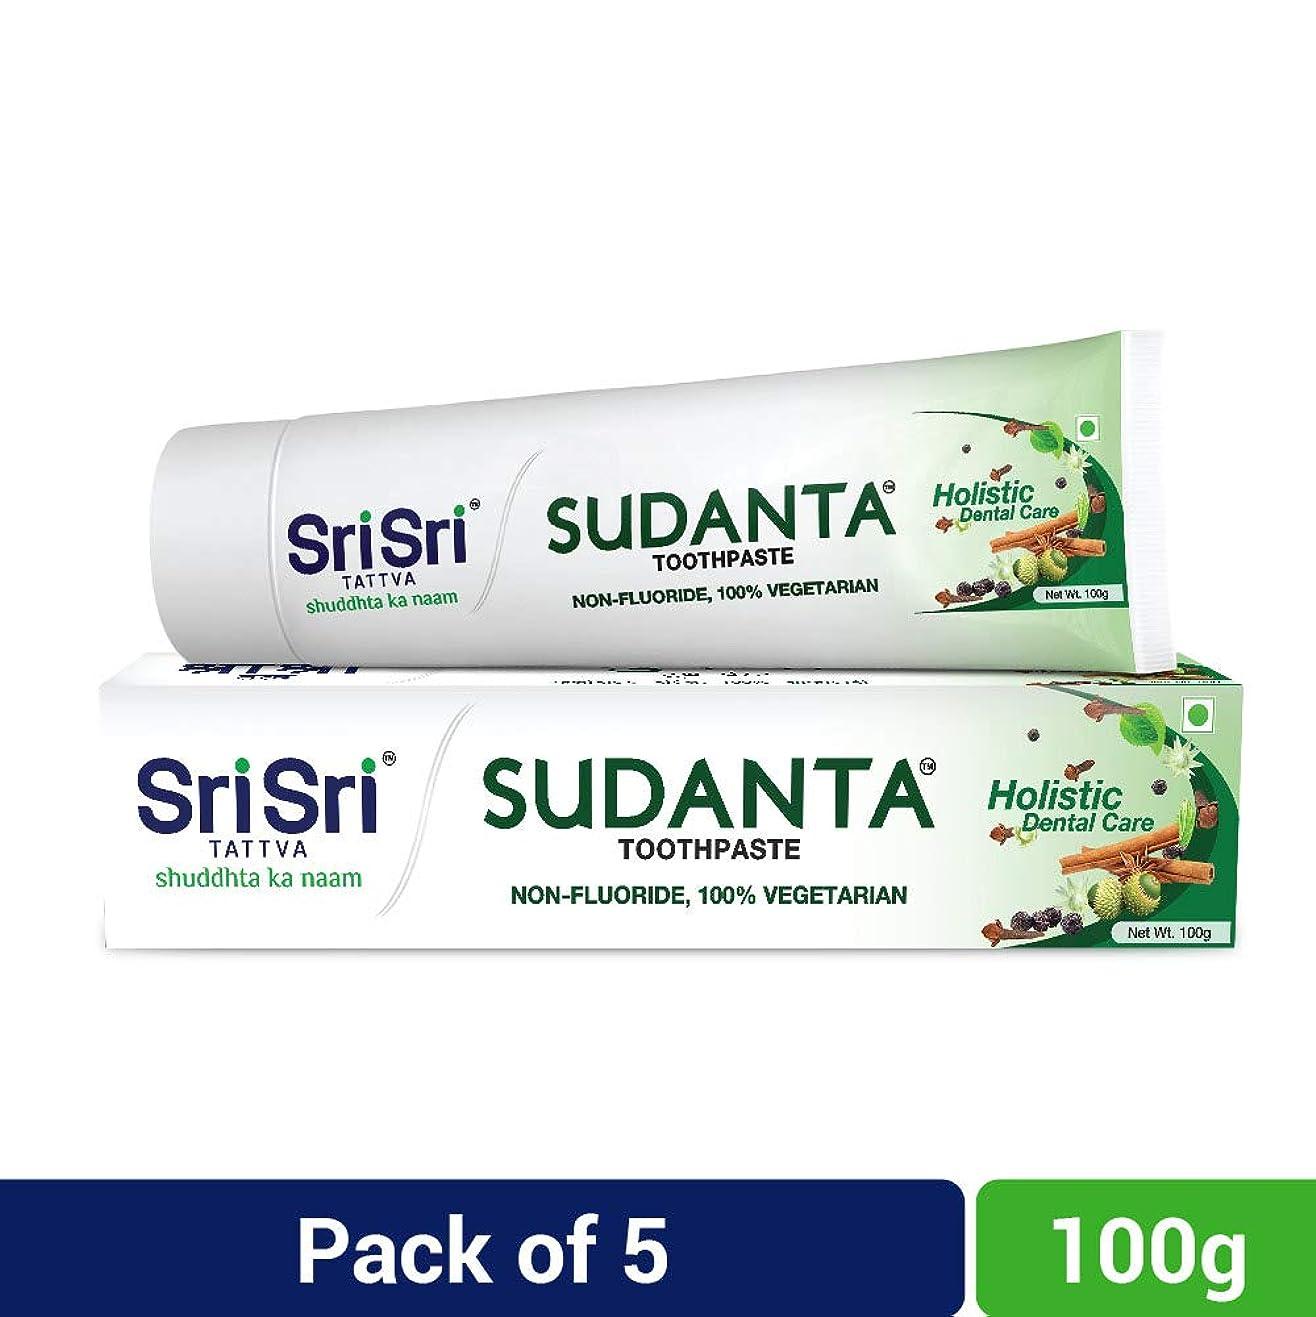 高く望遠鏡ペンダントSri Sri Tattva Sudanta Toothpaste, 500gm (100 x Pack of 5)